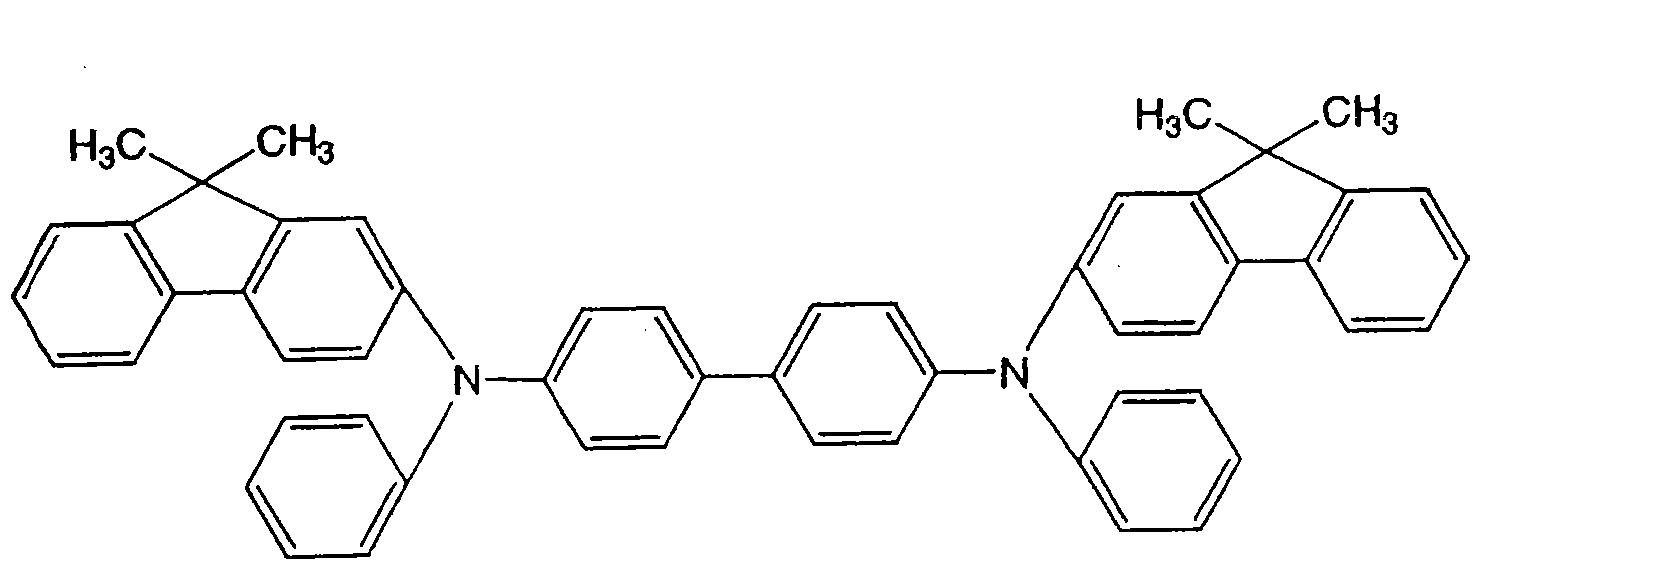 Figure CN101355141BD00101